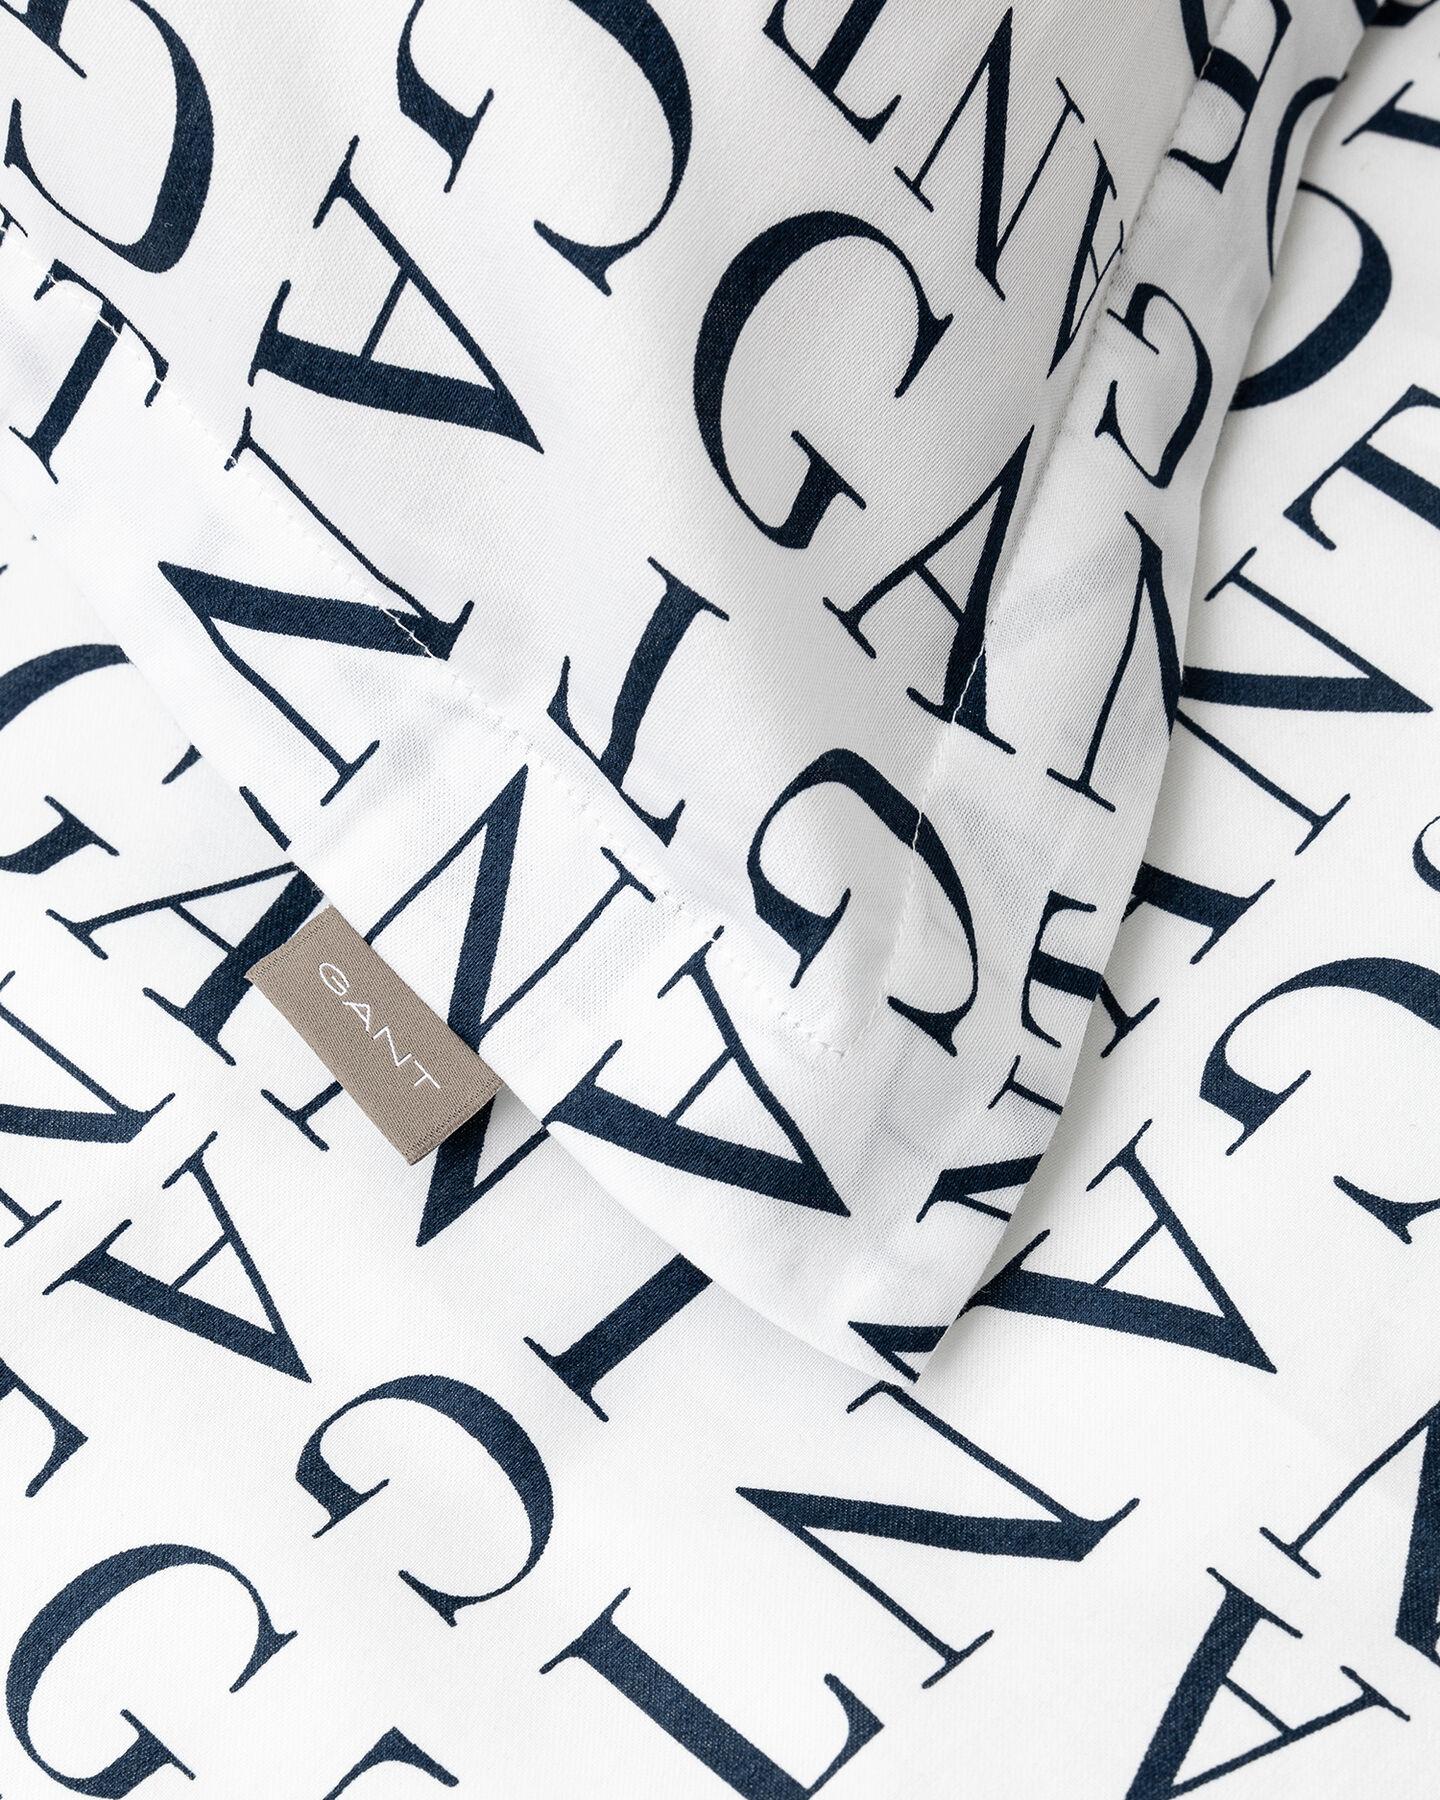 Letter mönstrat påslakanset, dubbel